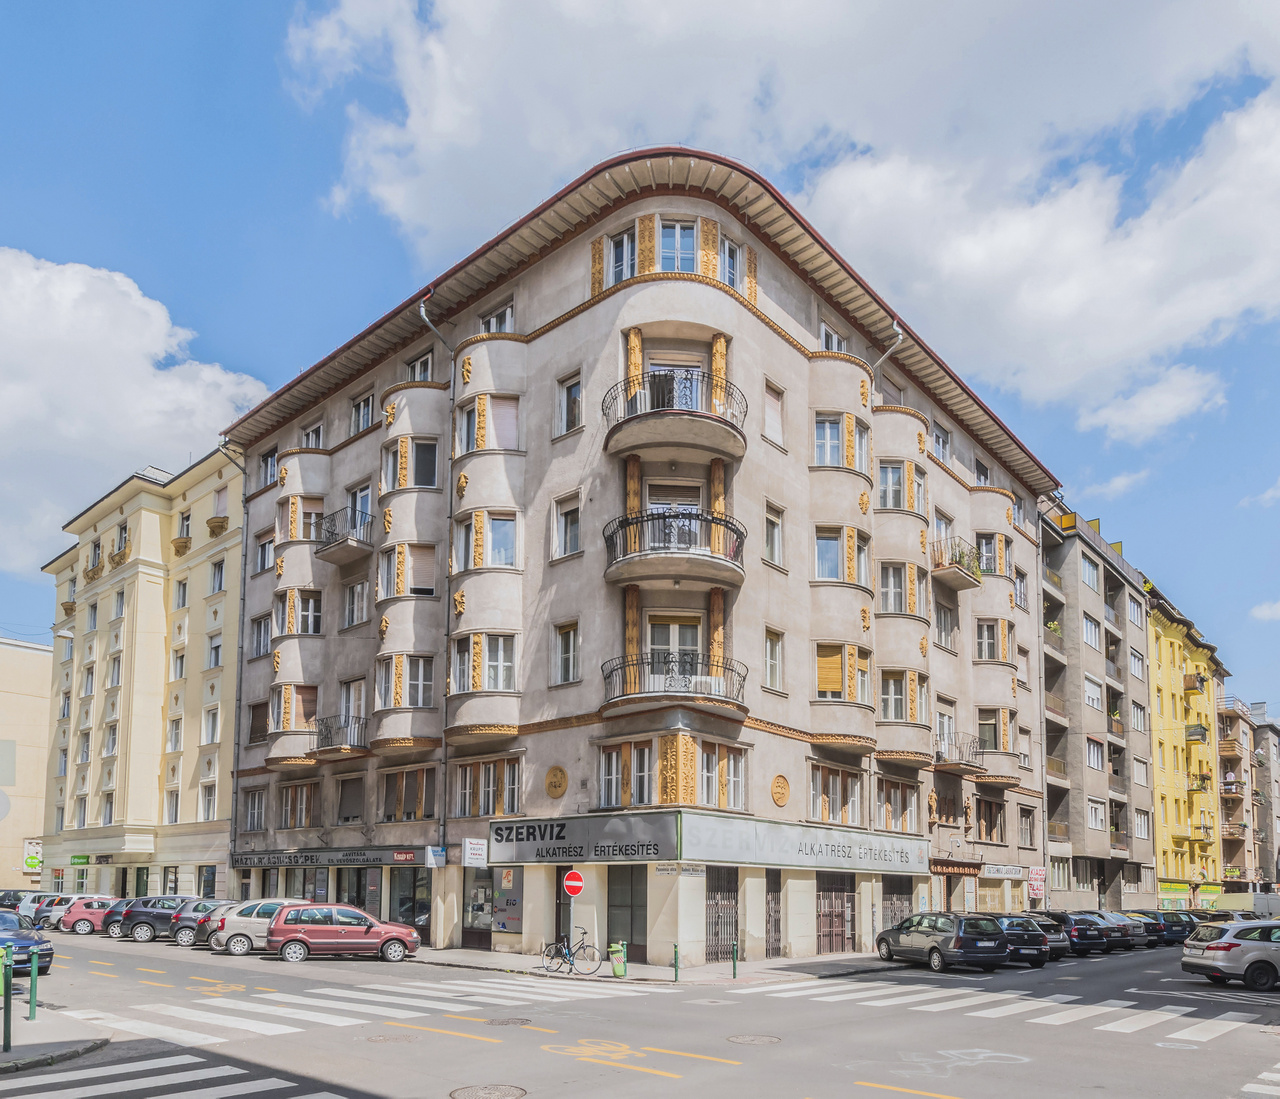 16. XIII. ker., Radnóti Miklós utca 21/B, lakóház, Jánszky Béla és Szivessy Tibor, 1928                         Nagy ereszkiülésű, gazdagon dekorált homlokzatú épület. Az építészpáros 1909 és 1916, illetve 1926 és 1932 között dolgozott együtt, ezen épületük elkészültekor több hasonló art deco házat alkottak, amelyeken reneszánsz, empire és népművészeti motívumokat alkalmaztak. Mivel az építtető egy szállítmányozási cég volt, az épület mindkét oldalán egy mozdonyt, illetve egy hajót ábrázoló tondó található. A díszes kapuzat fölött Merkúr és Fortuna szobra van elhelyezve, a sarokerkélyek oszlopai egyiptomi hangulatúak. Az épület kisebbik párja Szolnokon található.